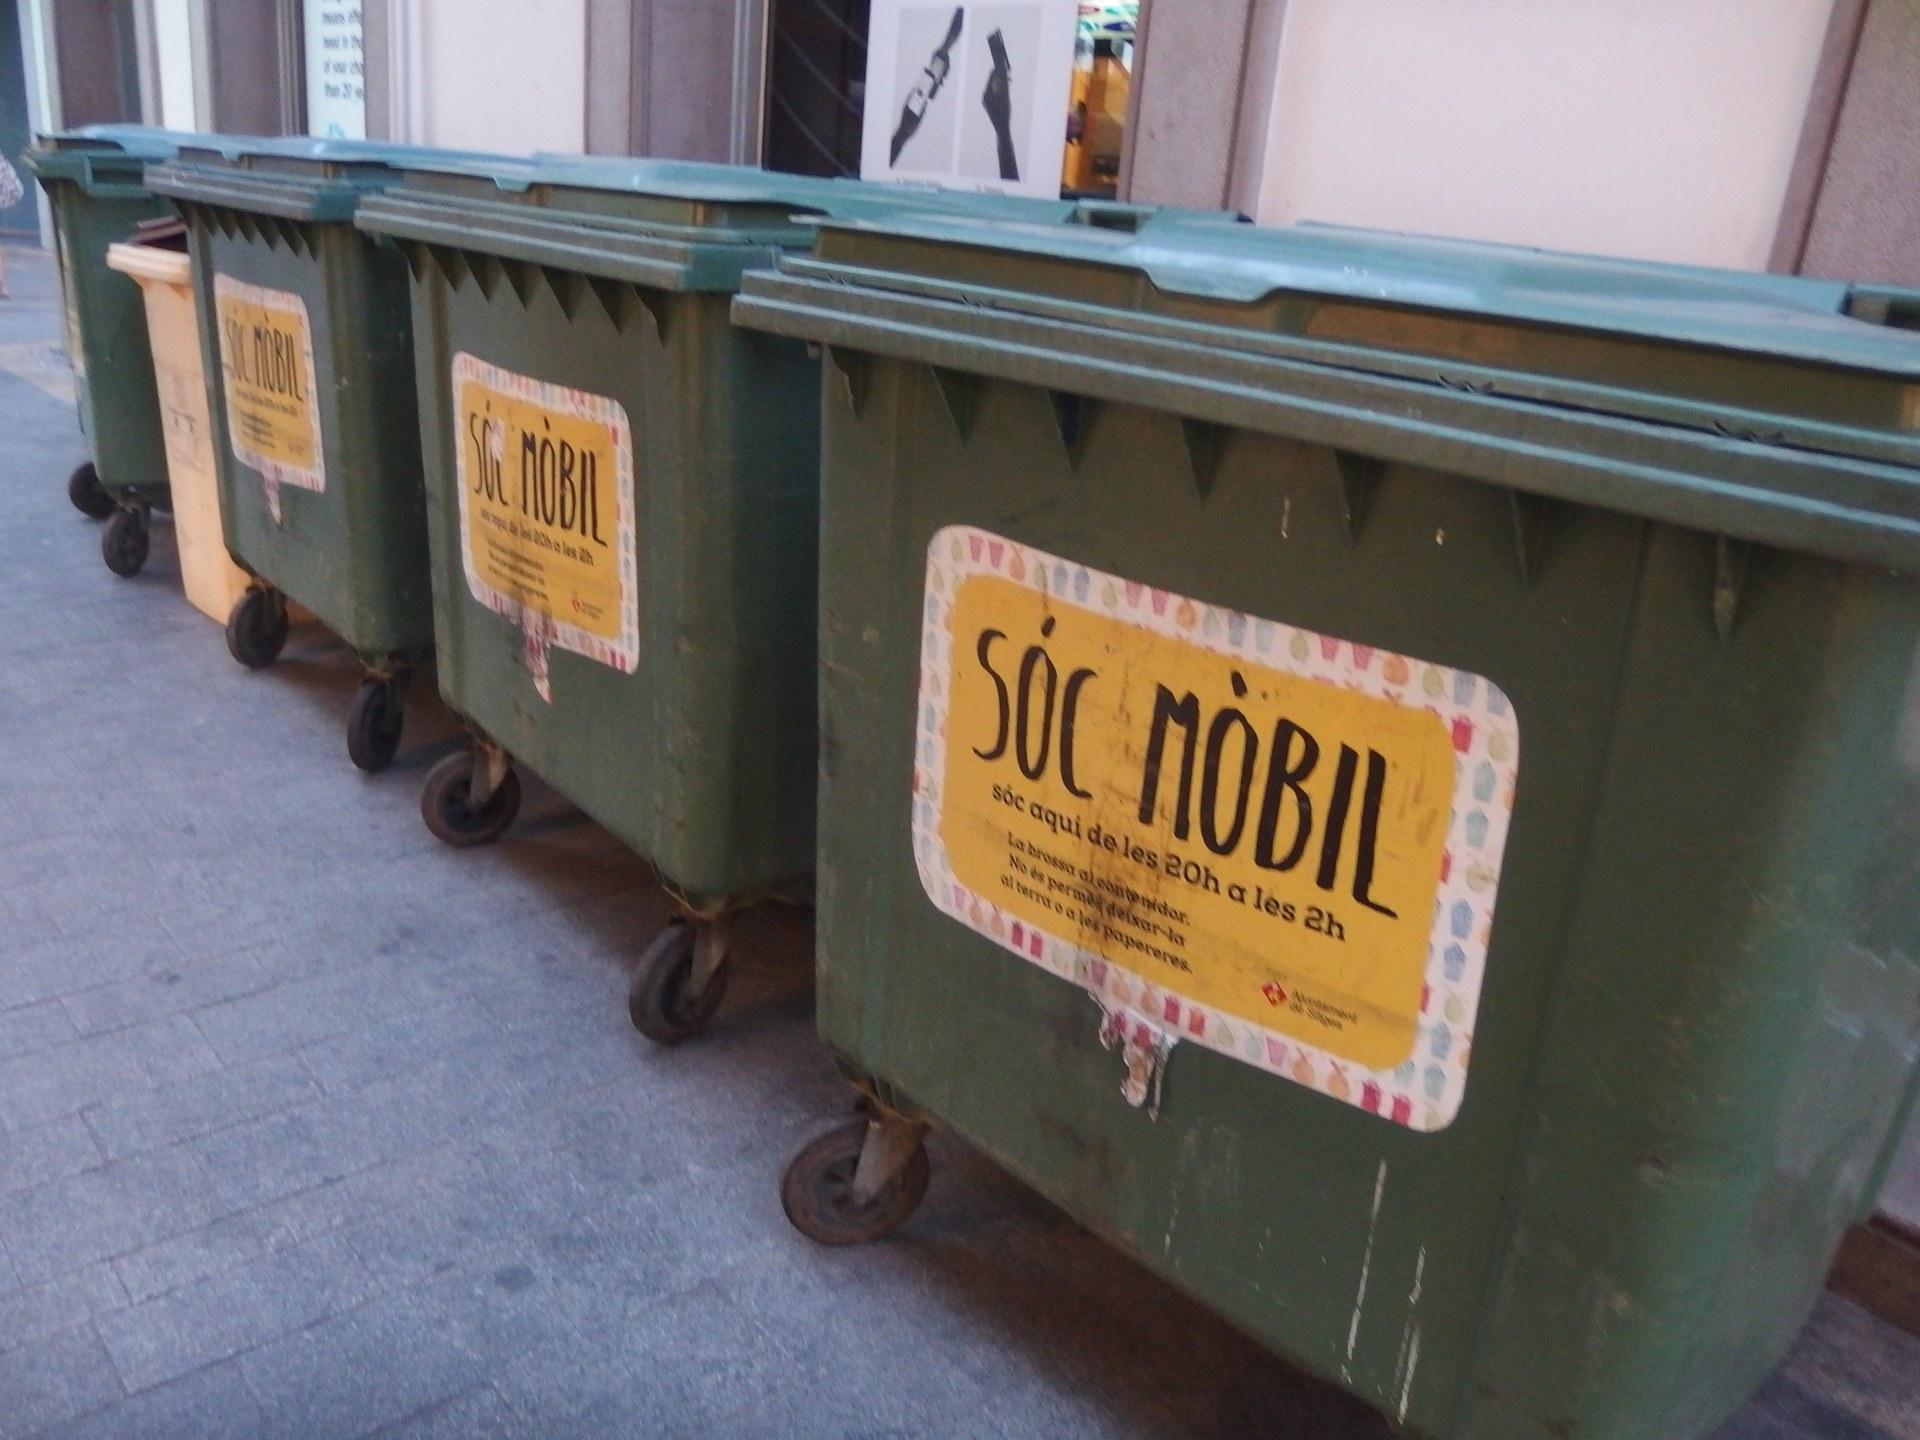 Els contenidors de brossa del centre quedaran fixes durant el confinament